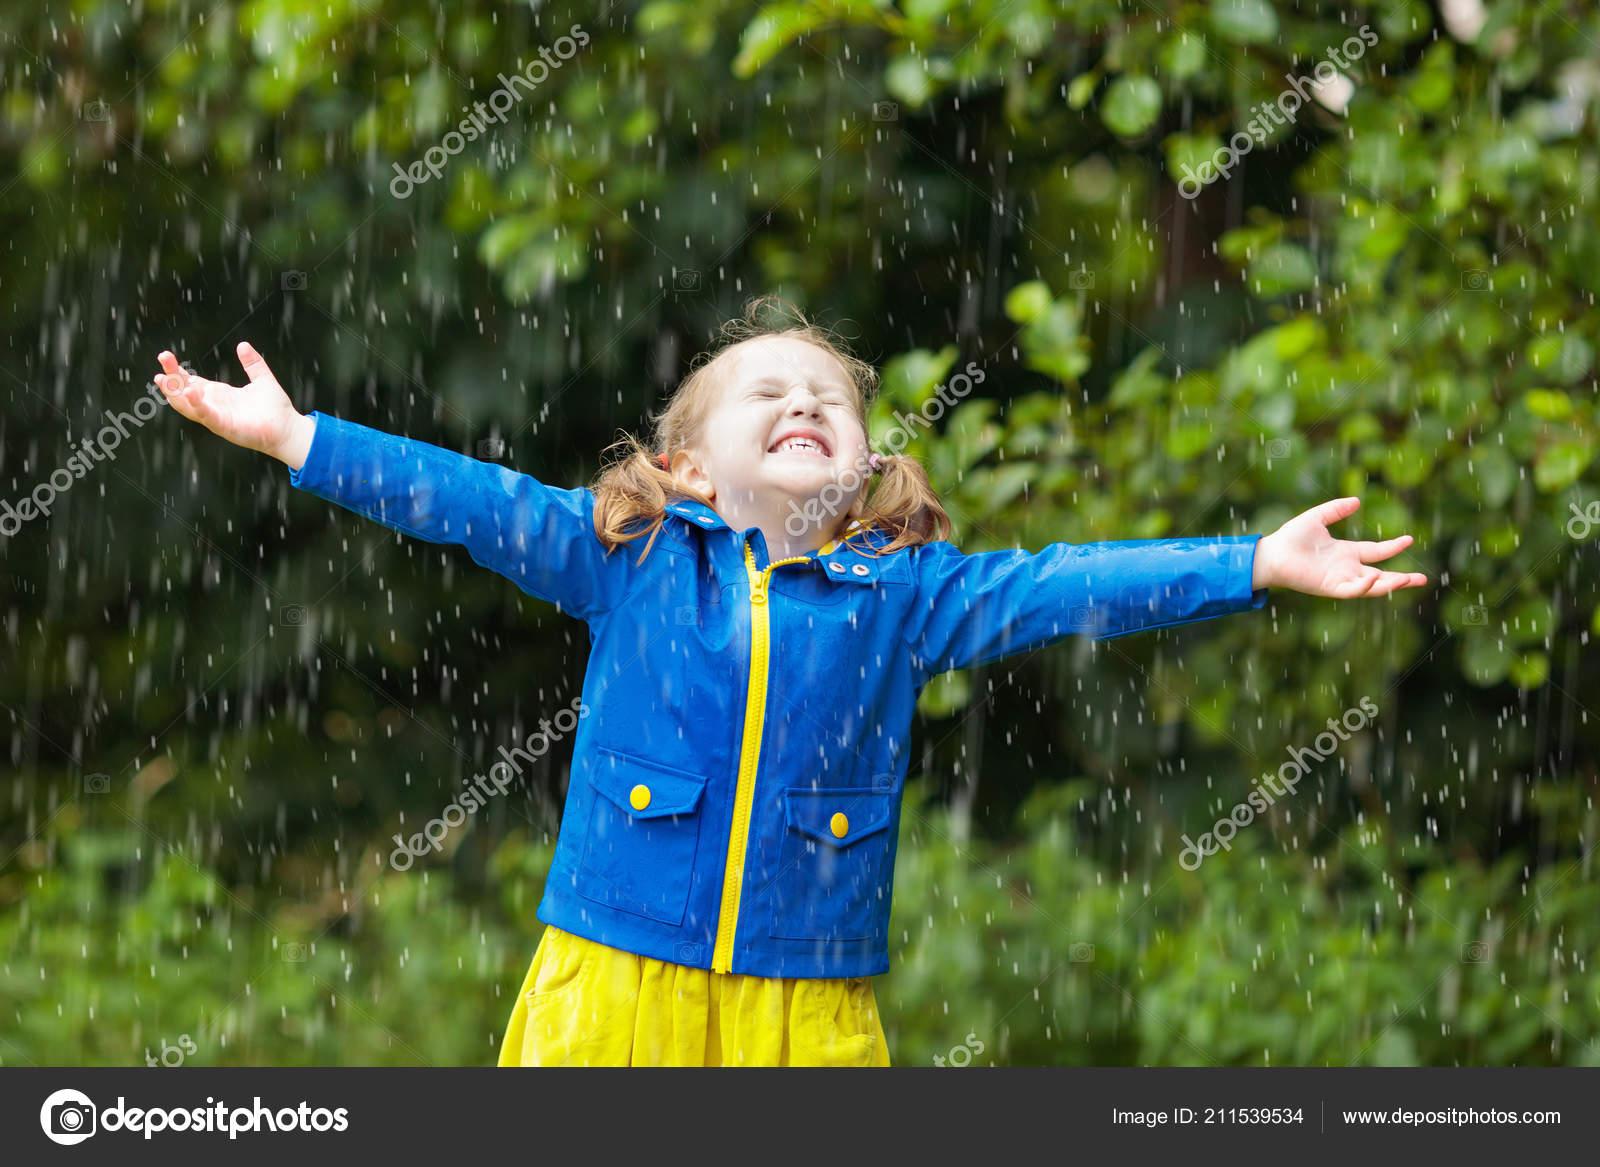 14ad817fff4 Malá holčička hraje v deštivé letní park. Dítě s barevný duhový deštník